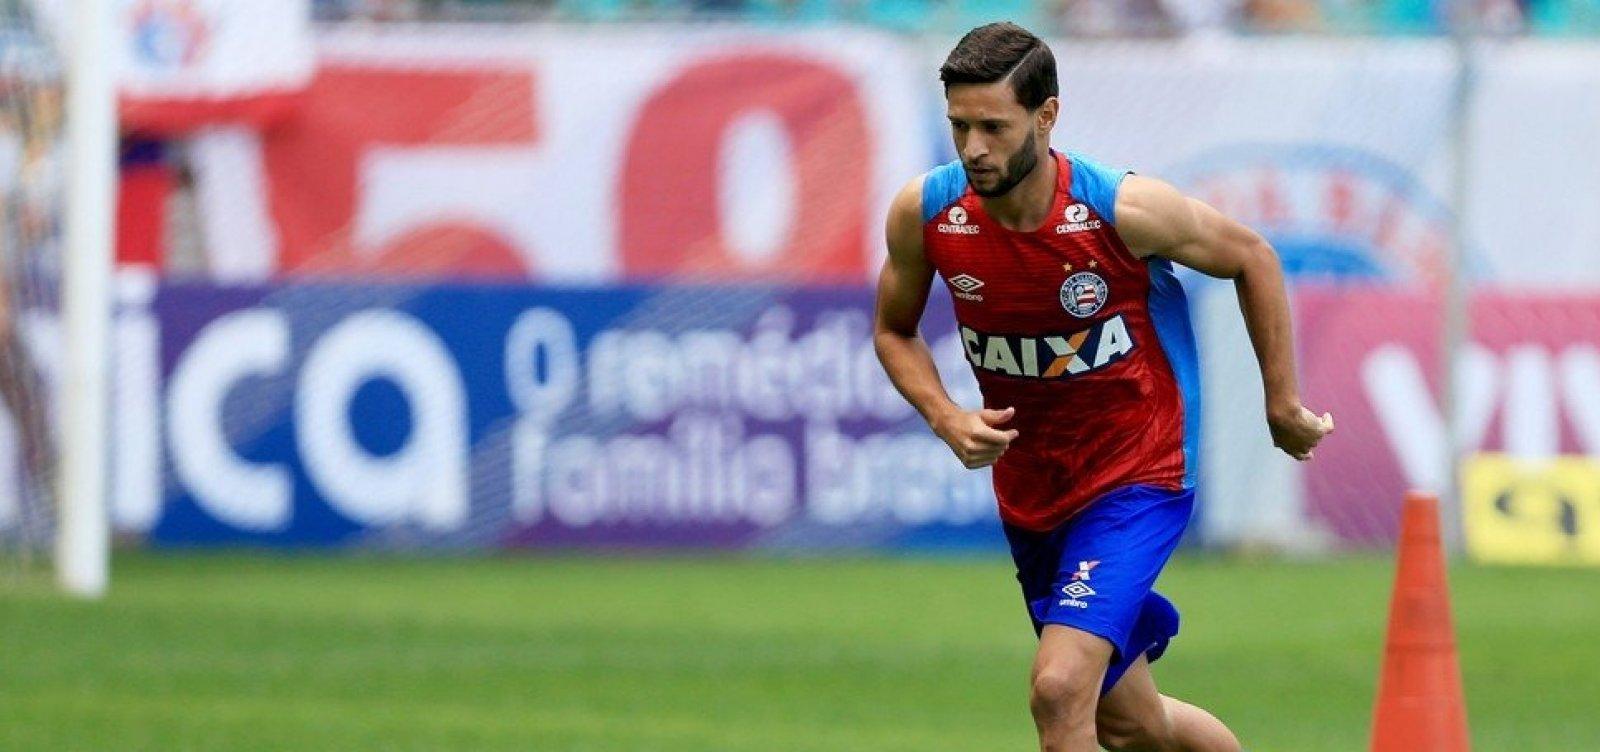 [Joia do Bahia, Juninho Capixaba volta ao clube por empréstimo até o final da temporada]